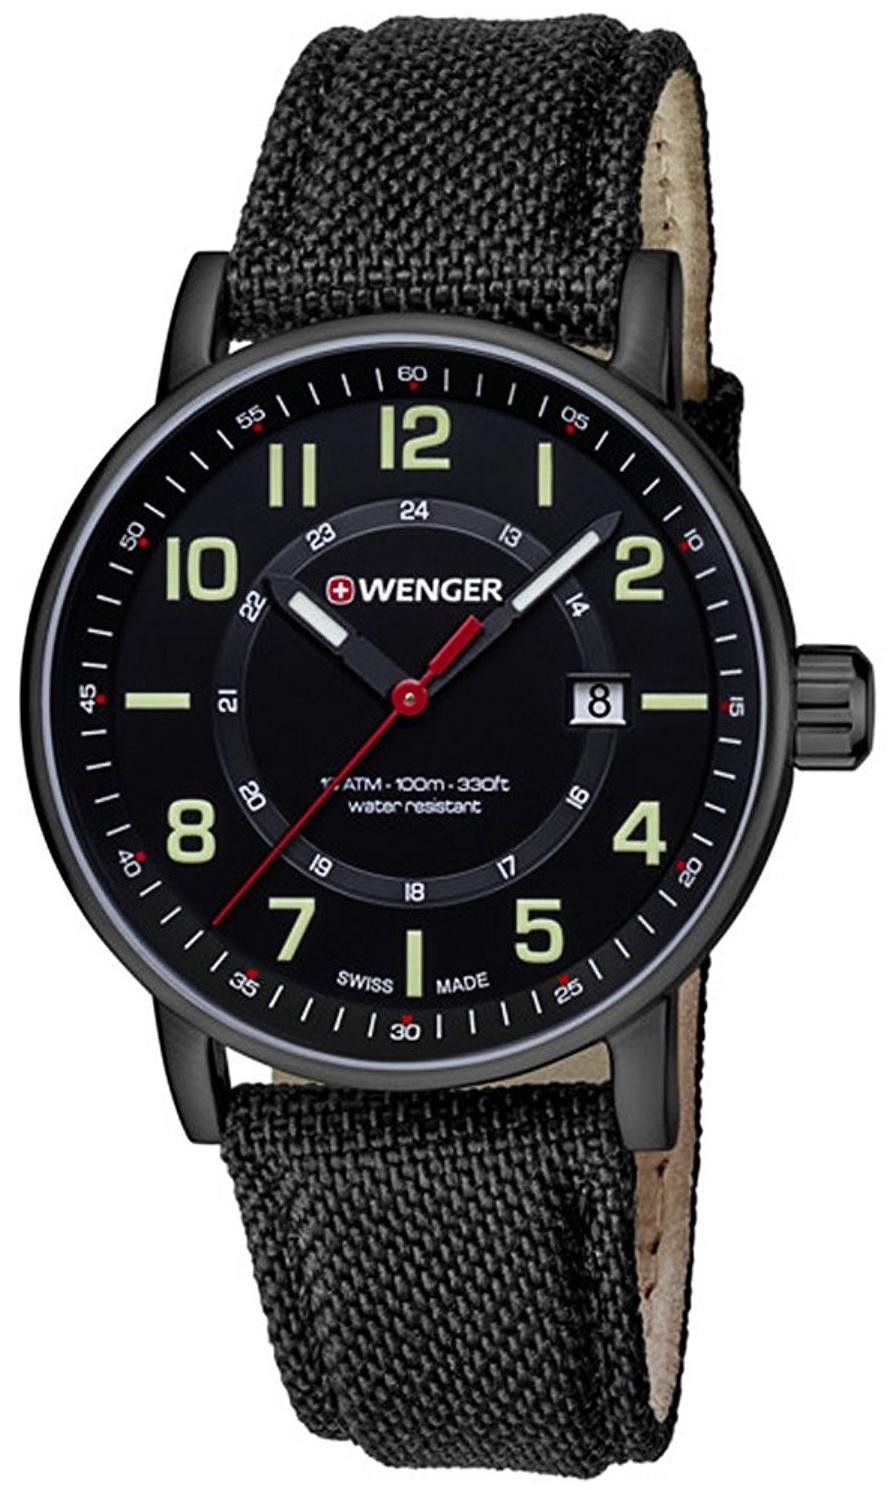 Wenger 99999 Herrklocka 01.0341.111 Svart/Textil Ø43 mm - Wenger